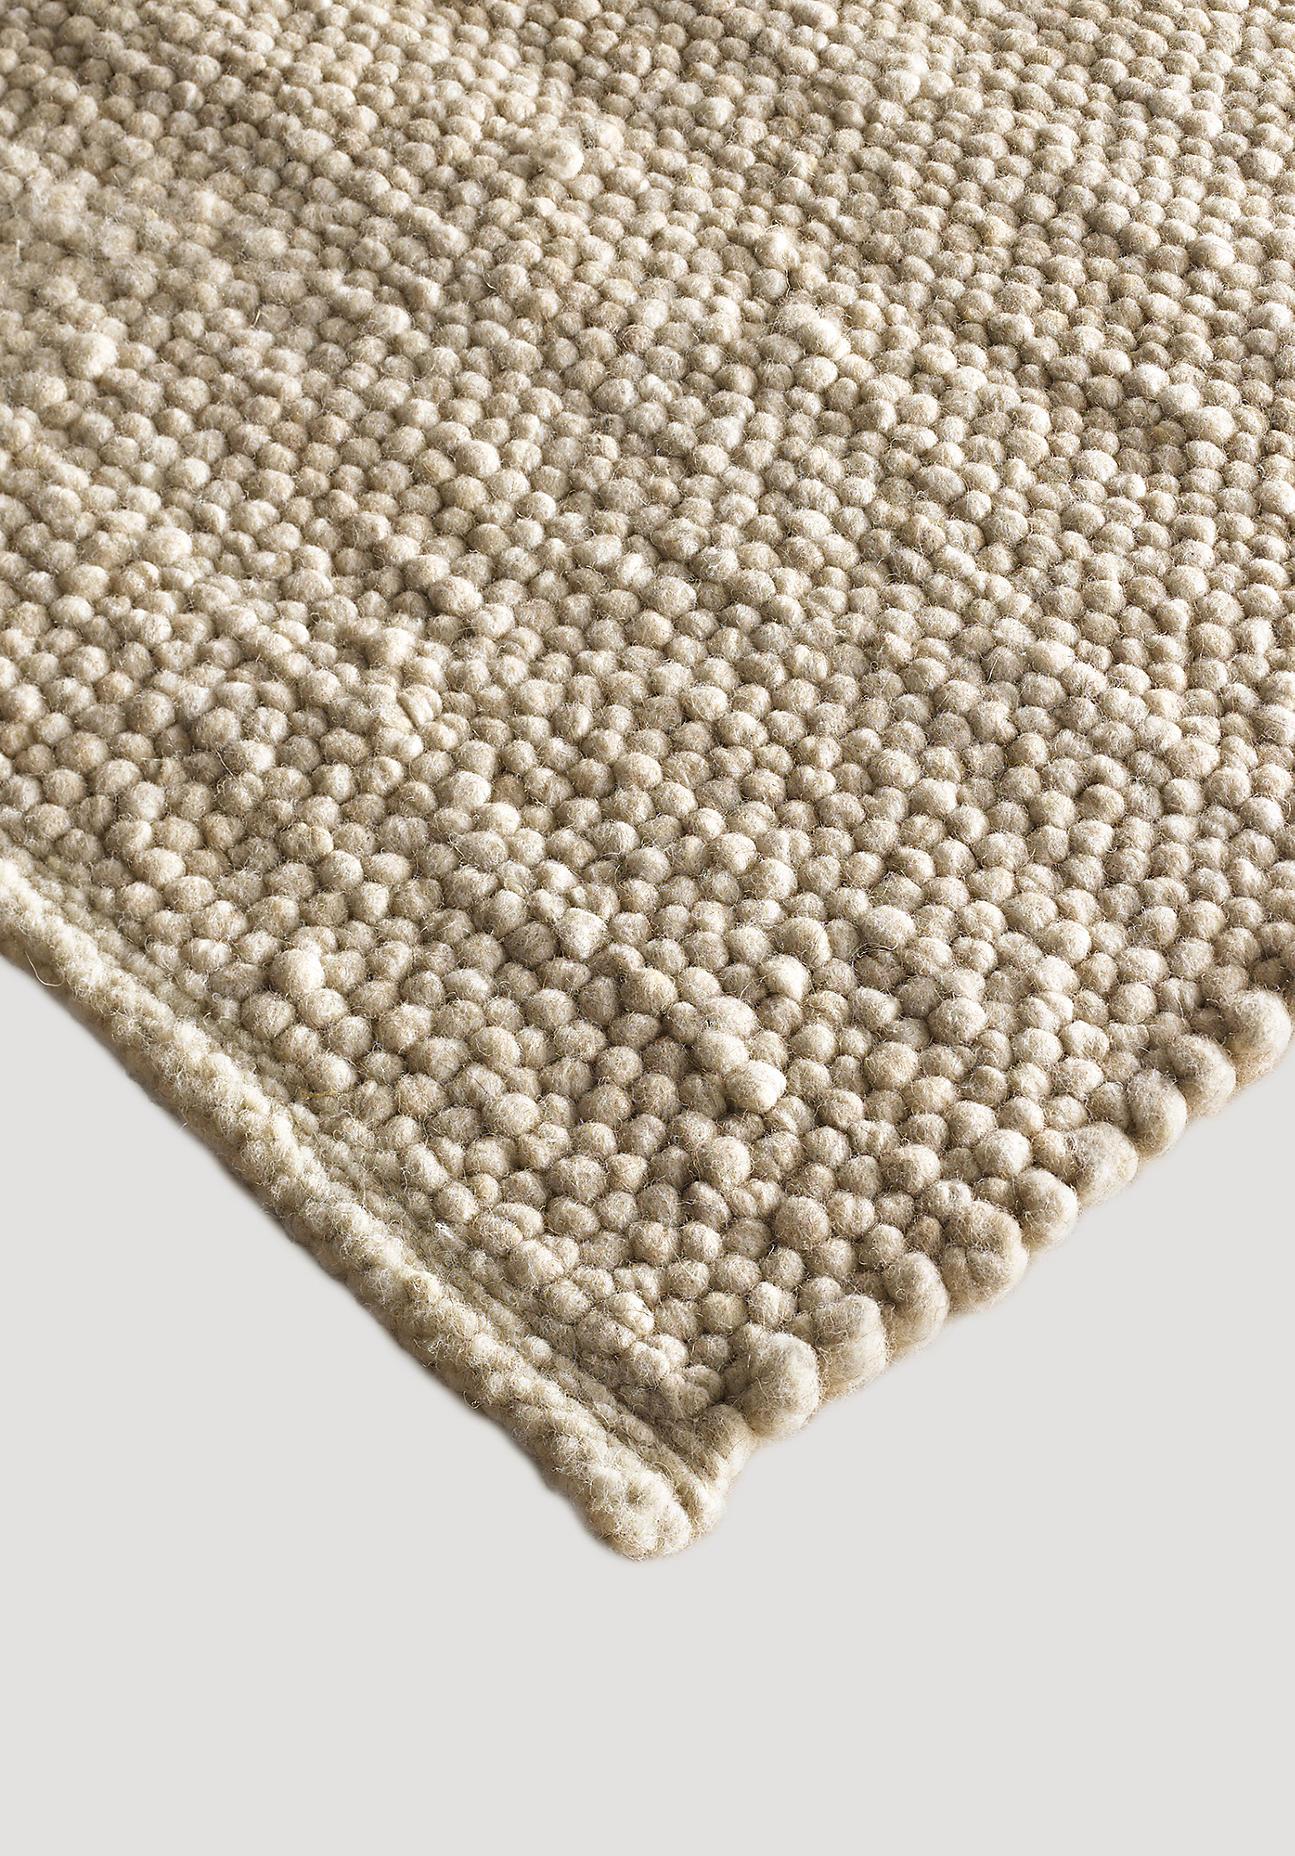 hessnatur Teppich Coburger Fuchs aus Bio-Schurwolle – beige – Größe 70x140 cm